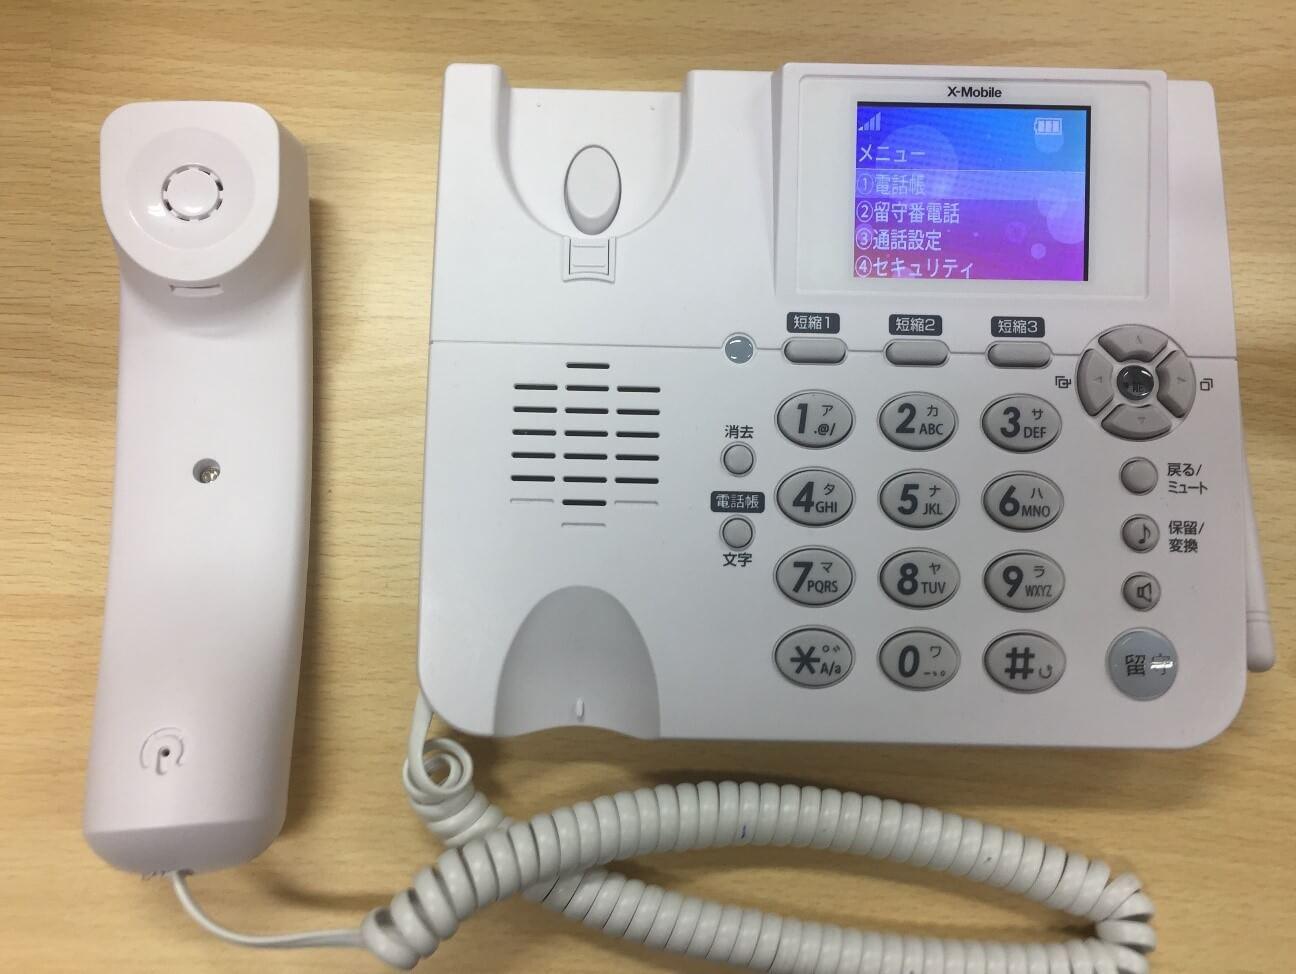 エックスモバイルスゴい電話(すごい電話)メニュー画面